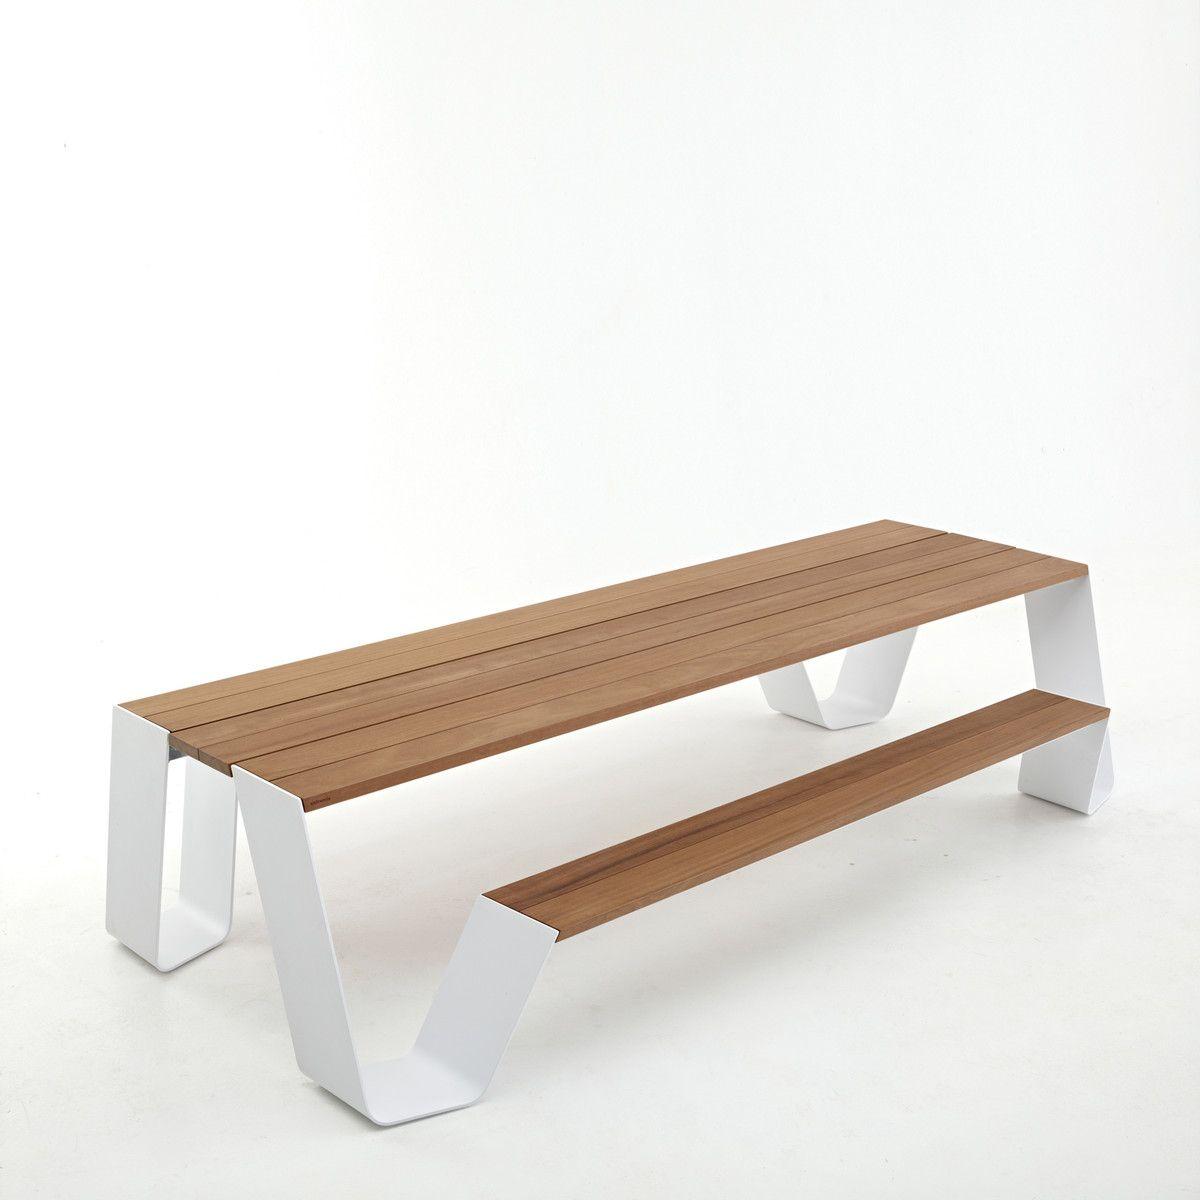 Tisch Modern extremis hopper tisch weiß h o t wood ideeën henri